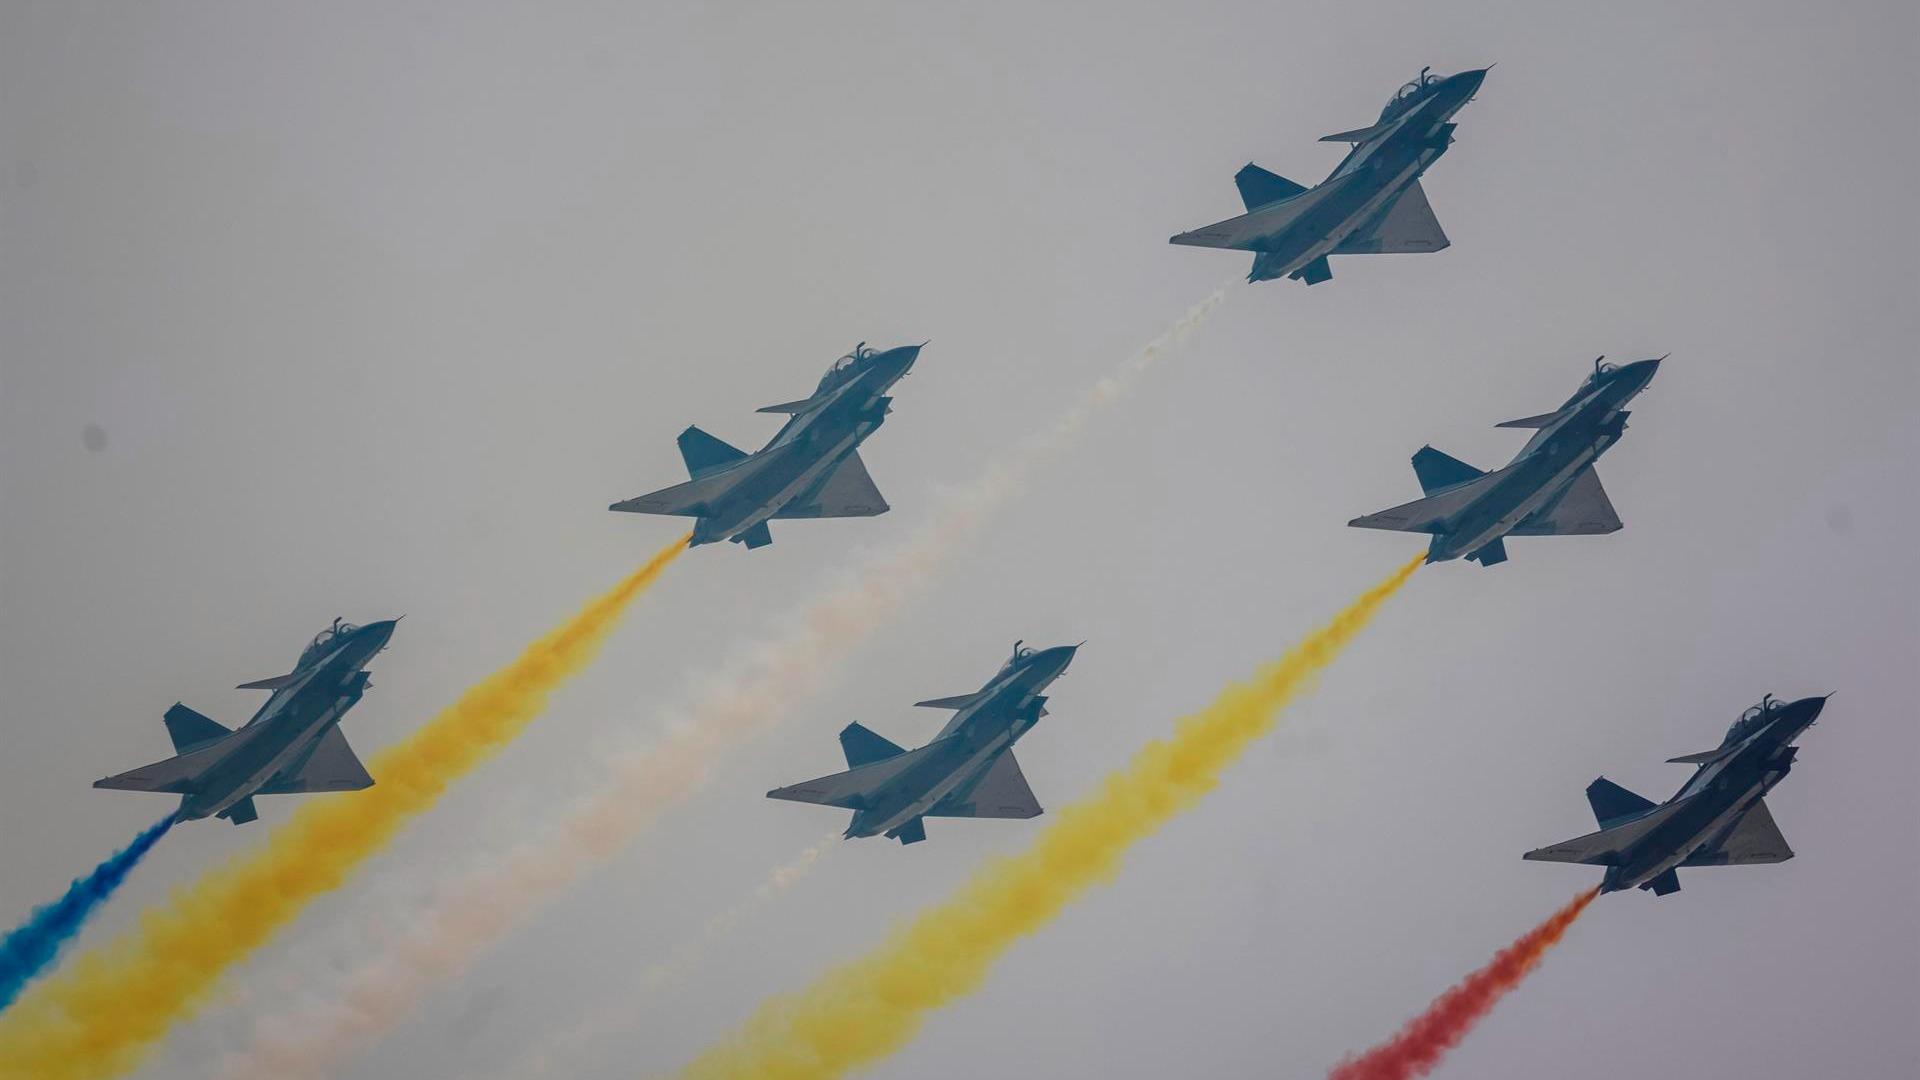 Un equipo de acrobacias aéreas se presenta en aviones Chengdu J-10 durante la Exposición Internacional de Aviación y Aeroespacial de China en Zhuhai, China.